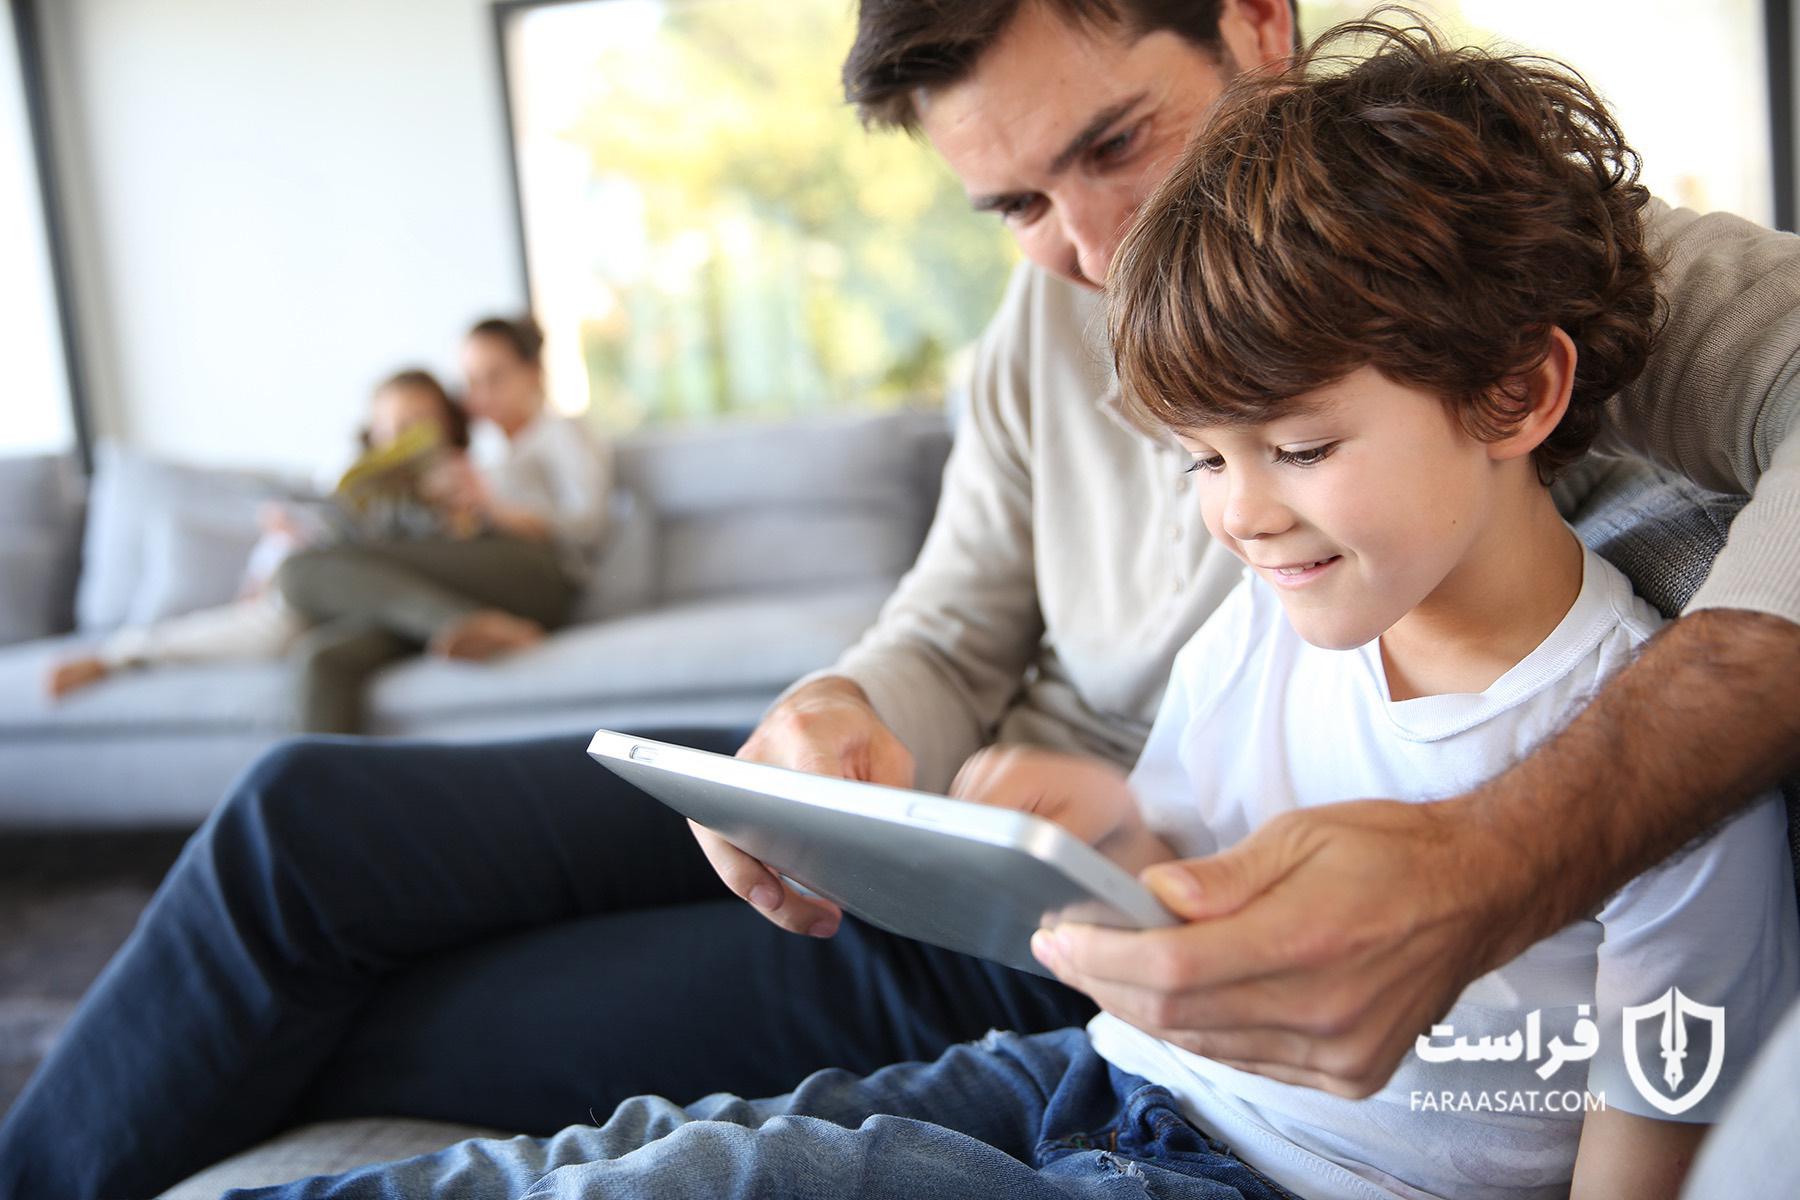 آموزش به فرزند درباره پیامها و ایمیلهای جعلی